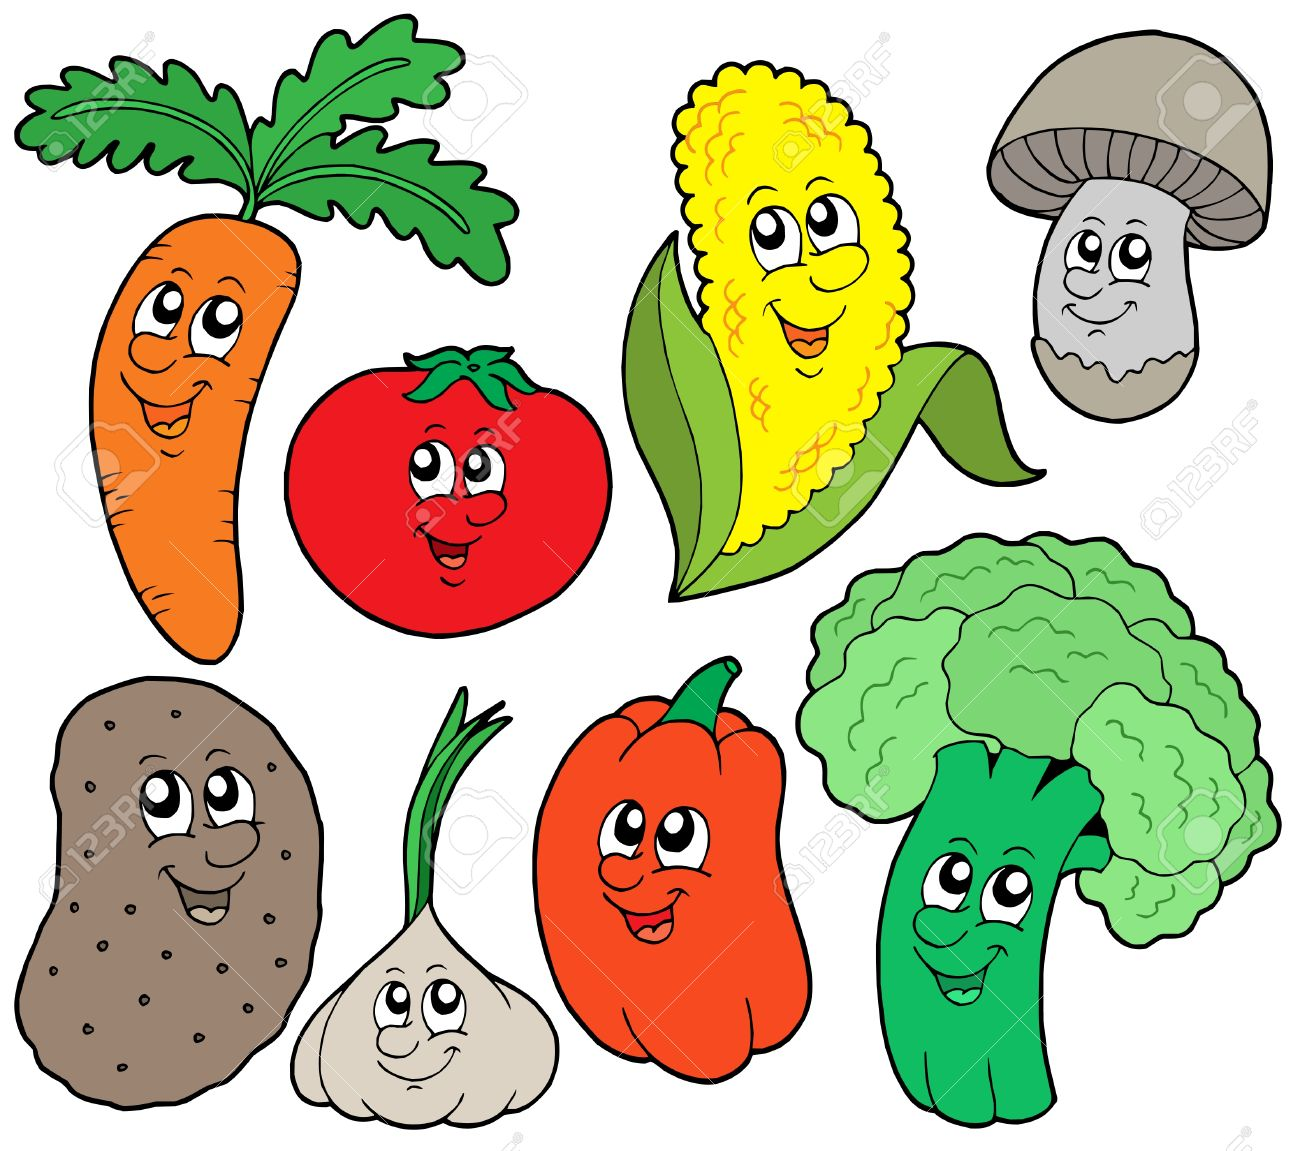 Colección de dibujos vegetales 1 - ilustración vectorial. Foto de archivo - 4215698